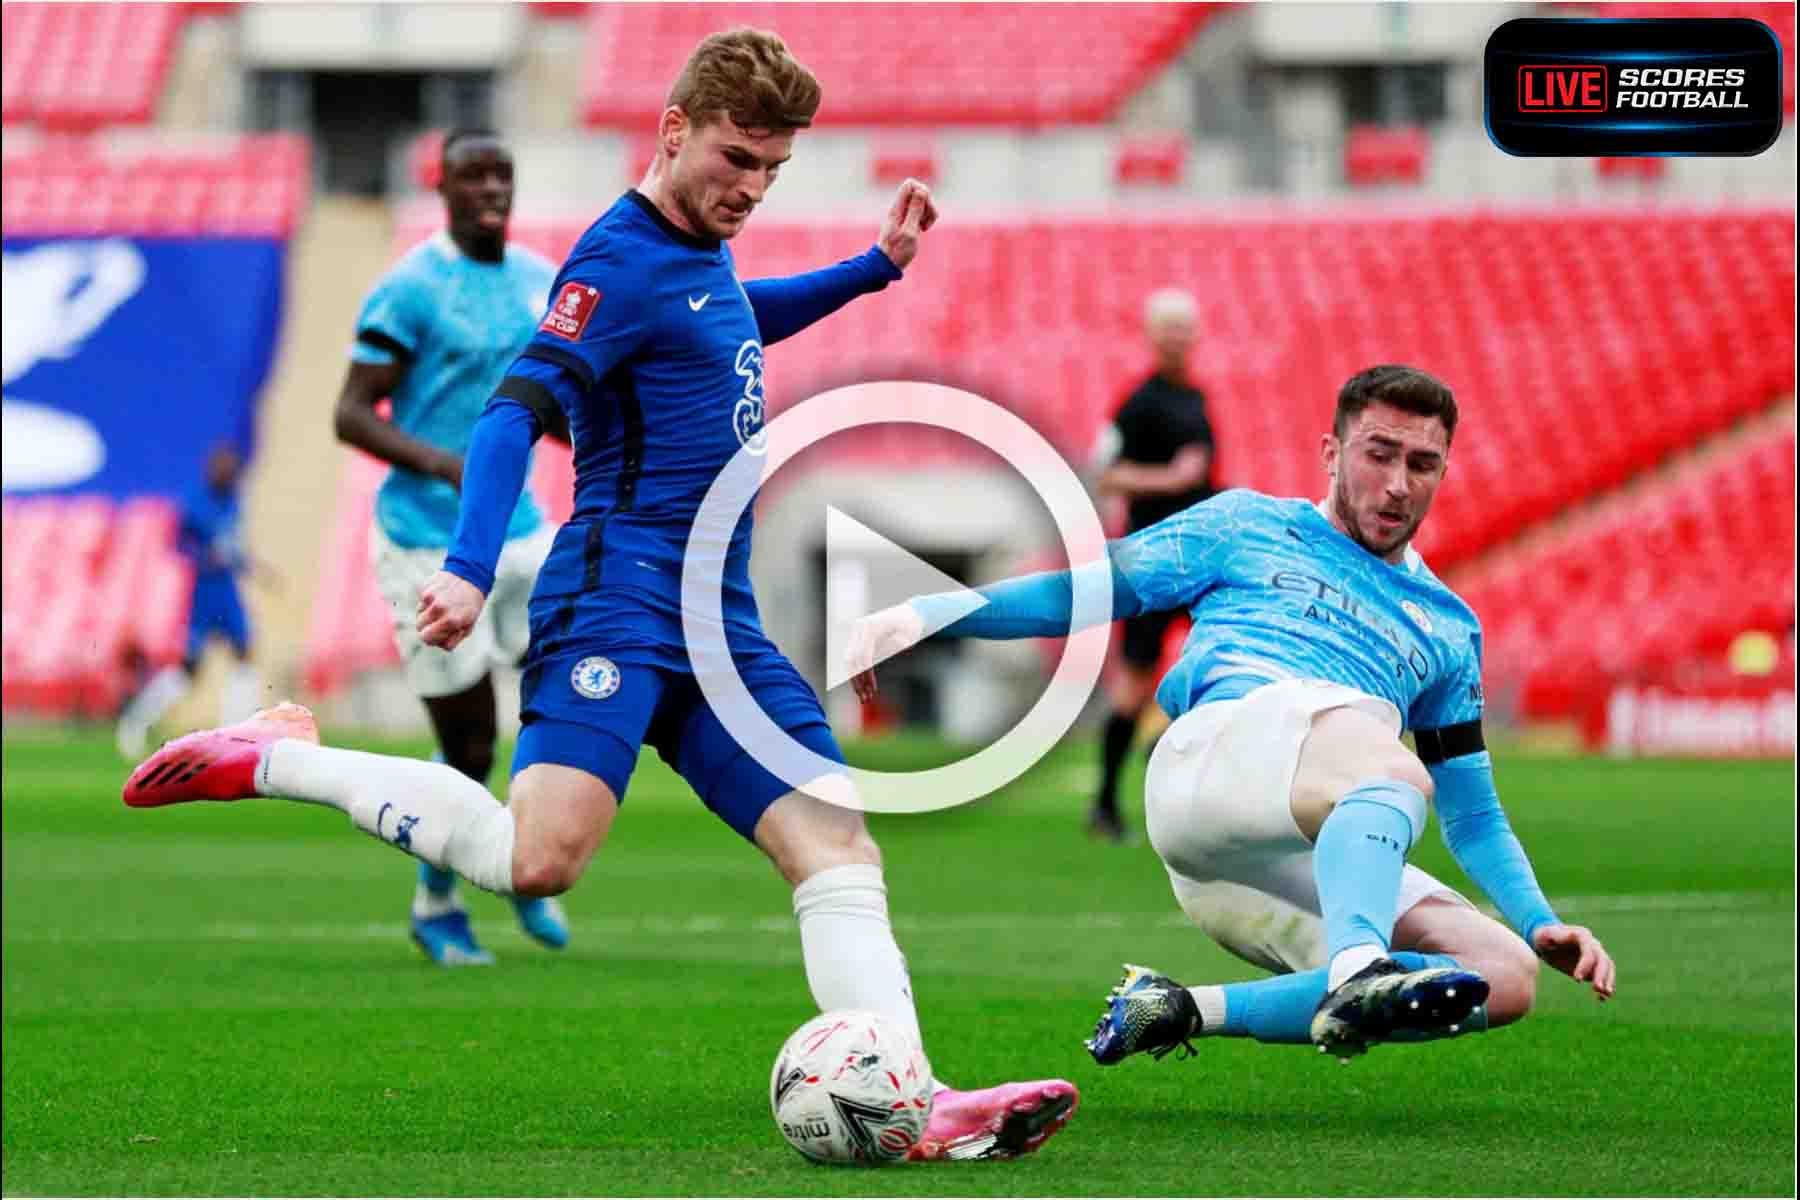 ไฮไลท์คู่เด็ด FA Cup 20:21 เชลซี 1-0 แมนฯ ซิตี้ รอบรองชนะเลิศ วันที่ 17-4-2021 - LivescoresFB